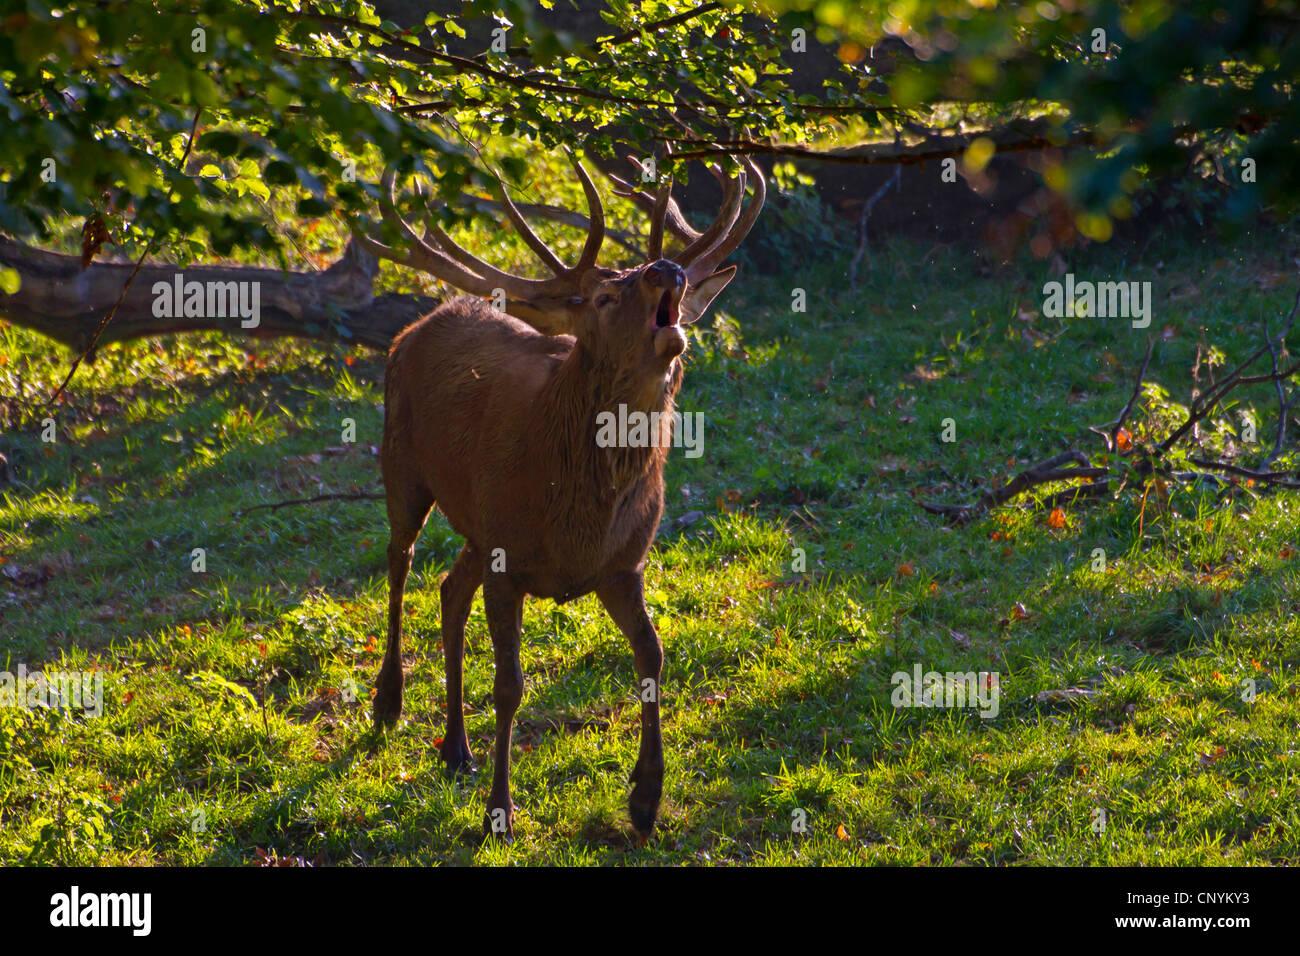 red deer (Cervus elaphus), roaring, Switzerland, Sankt Gallen - Stock Image